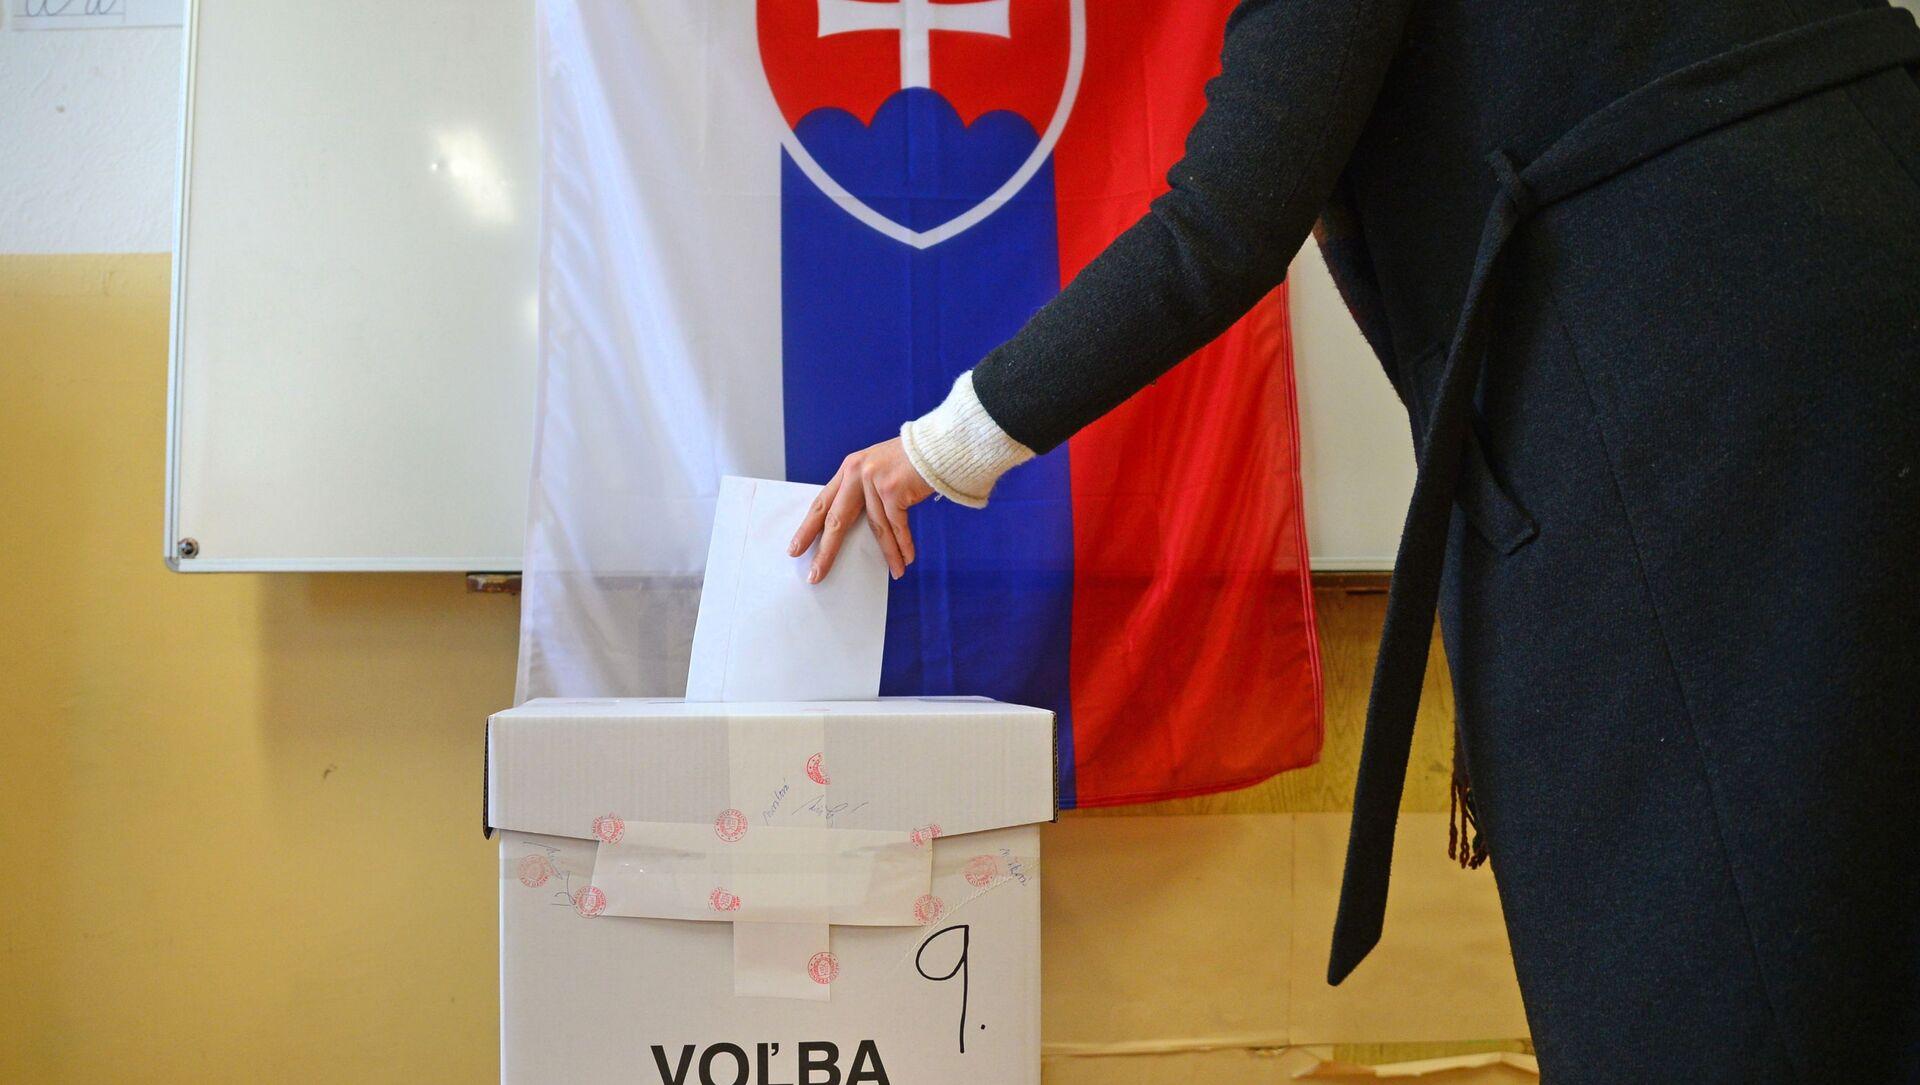 Volby na Slovensku - Sputnik Česká republika, 1920, 17.03.2021